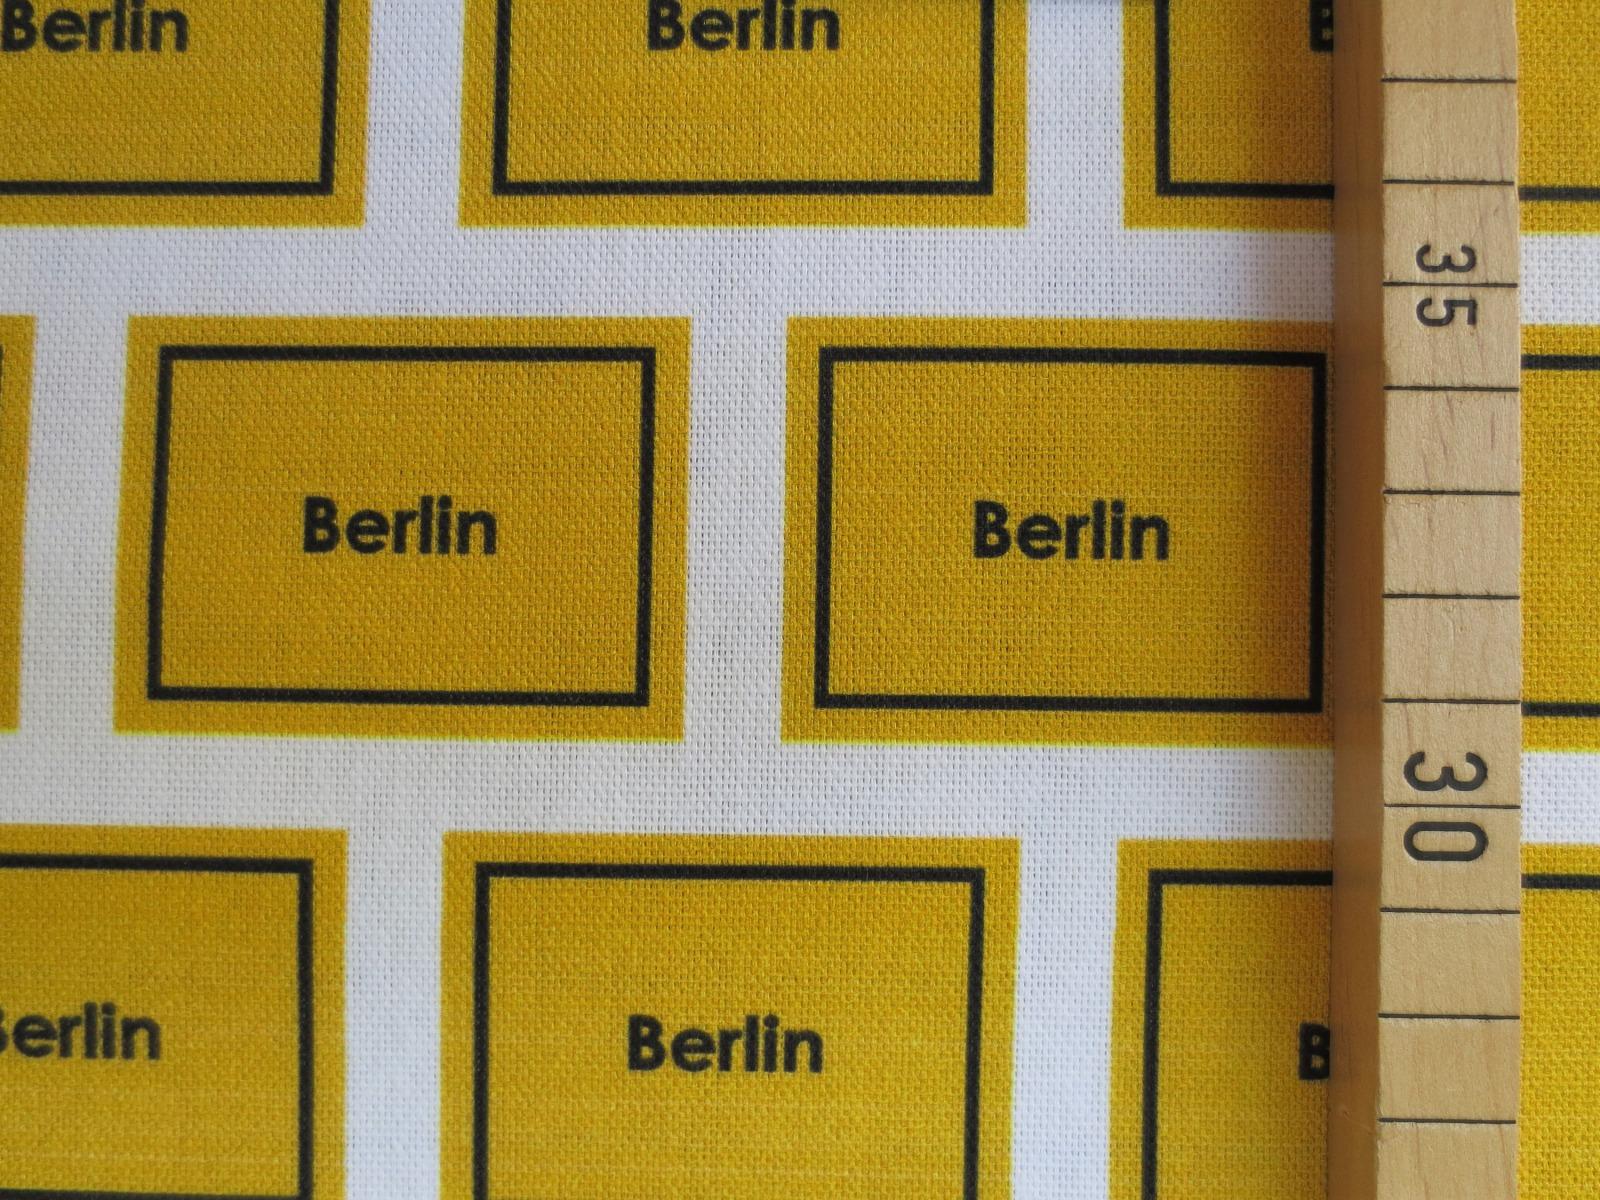 Deko-Baumwolle Berlin - Ortsschilder 2